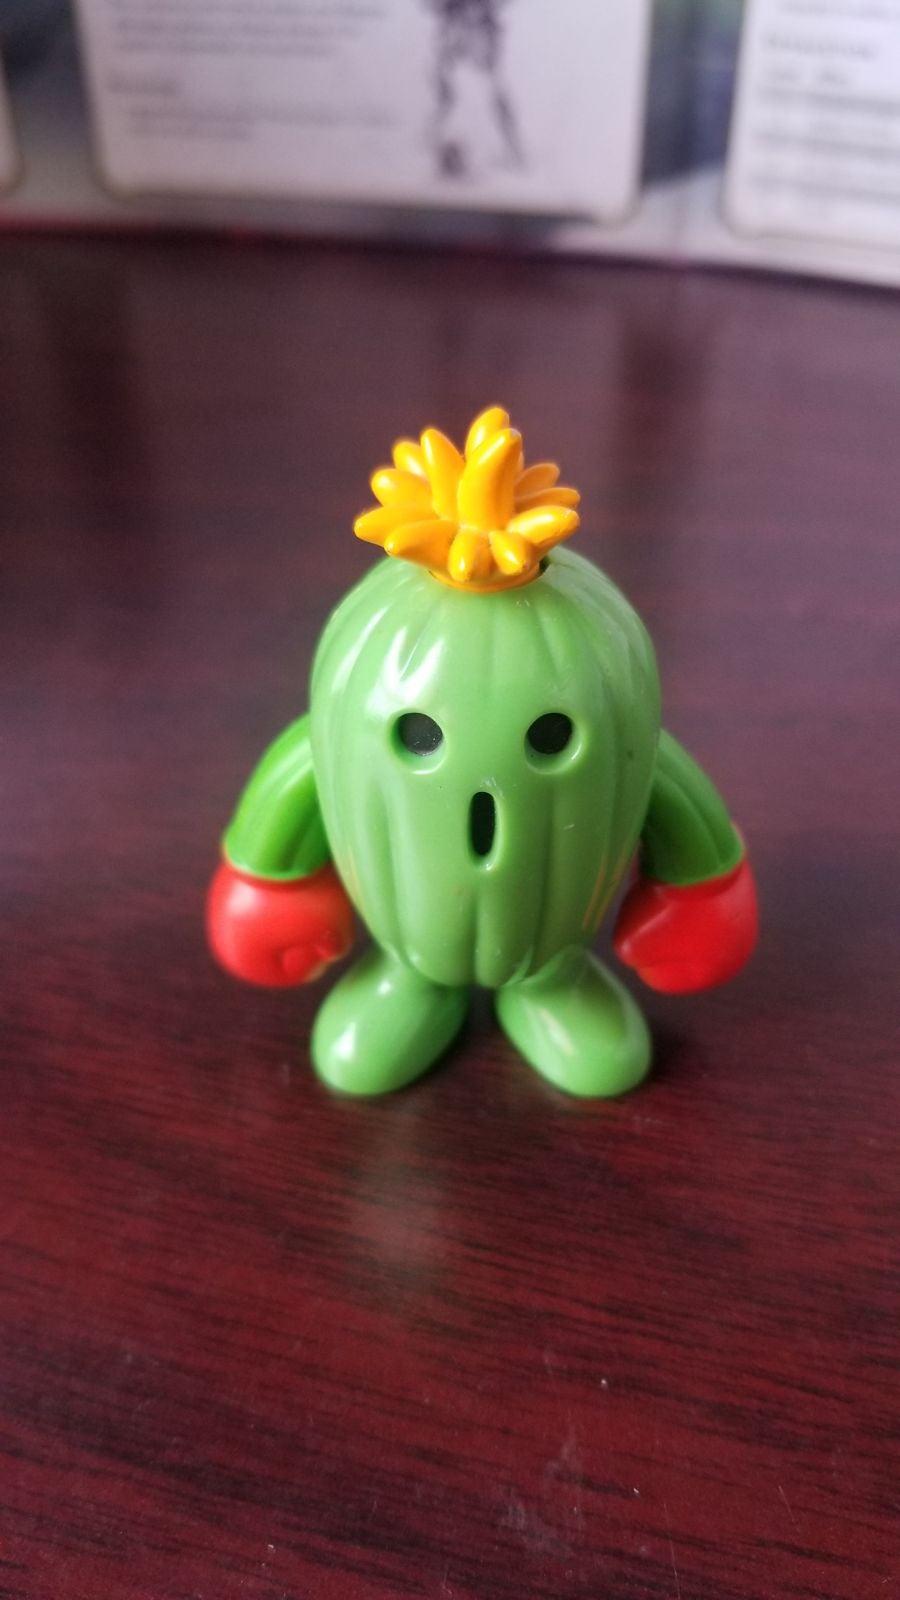 Digimon togemon toy